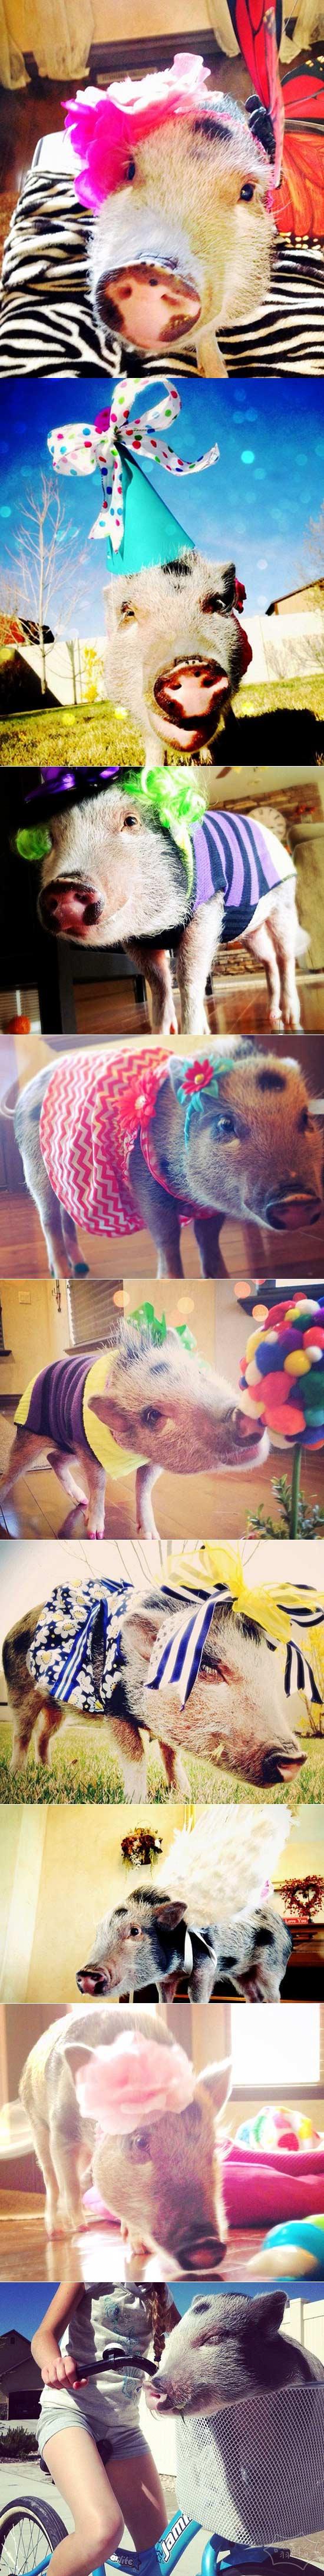 时髦的小猪,来自Instagram上的一组照片